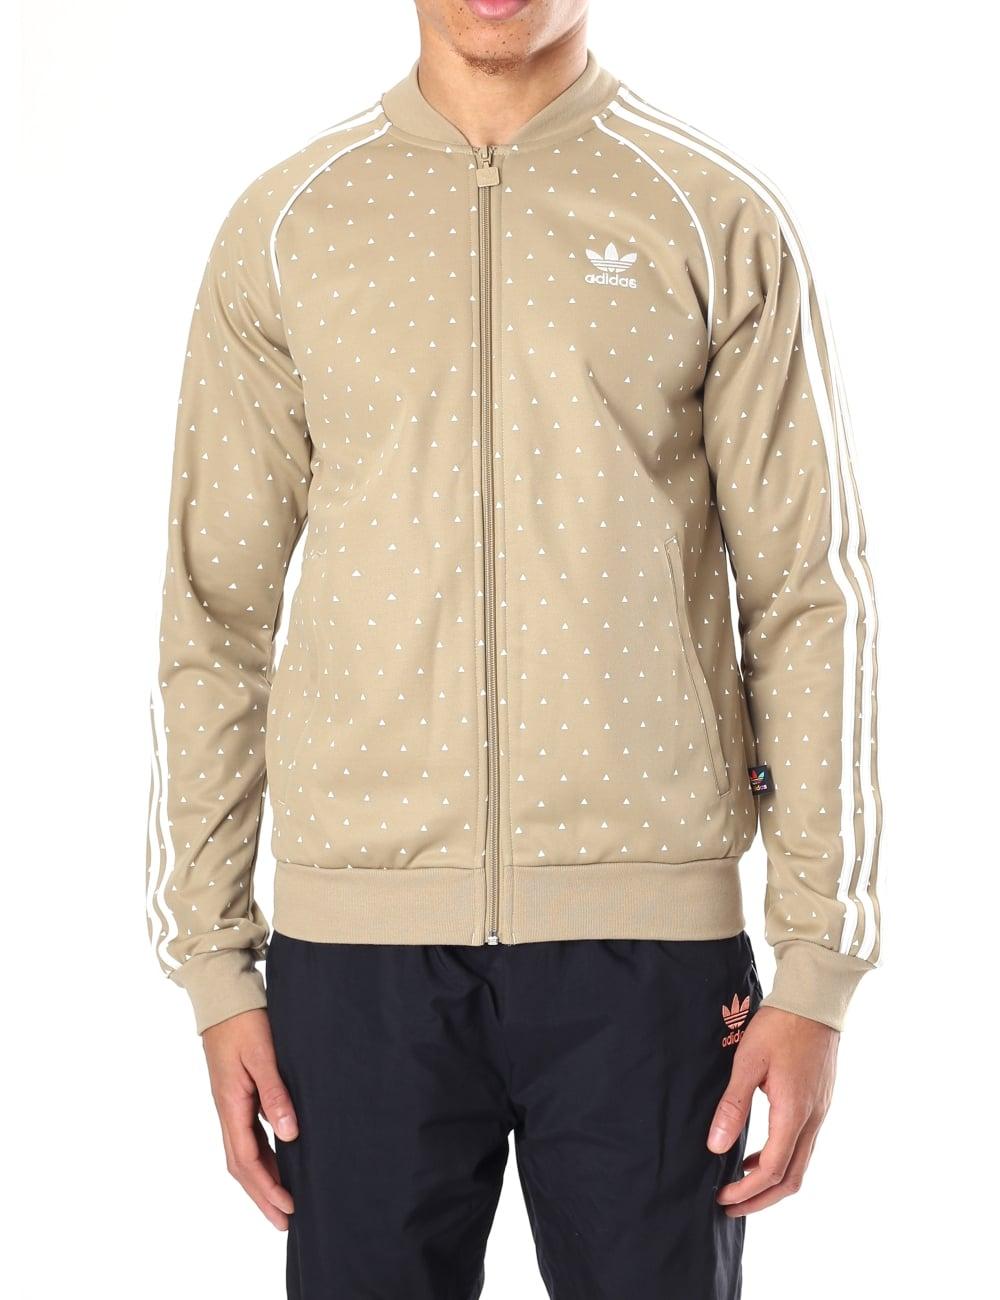 Adidas Men s Pharrell William HU Hiking Track Jacket 1834f93d0